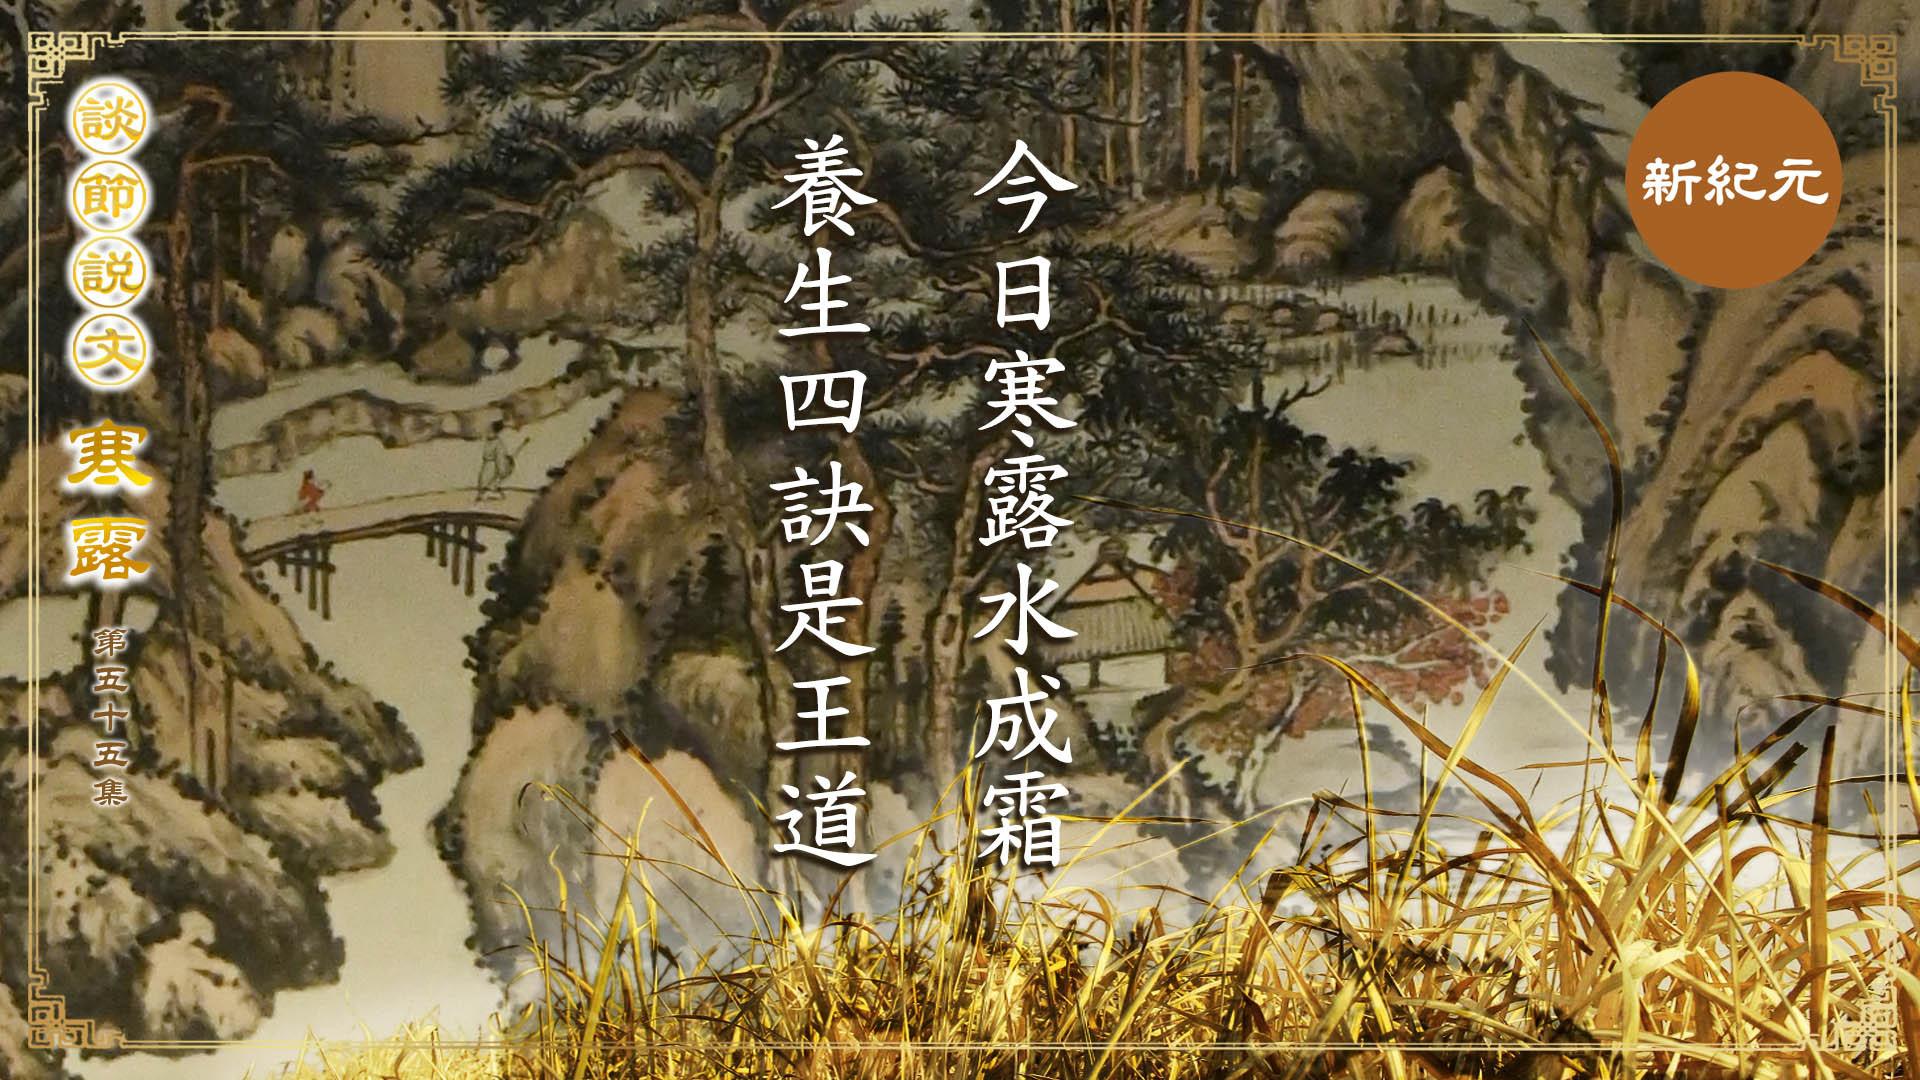 《談節說文》今日寒露水成霜  養生四訣是王道 (第五十五集)|#新紀元